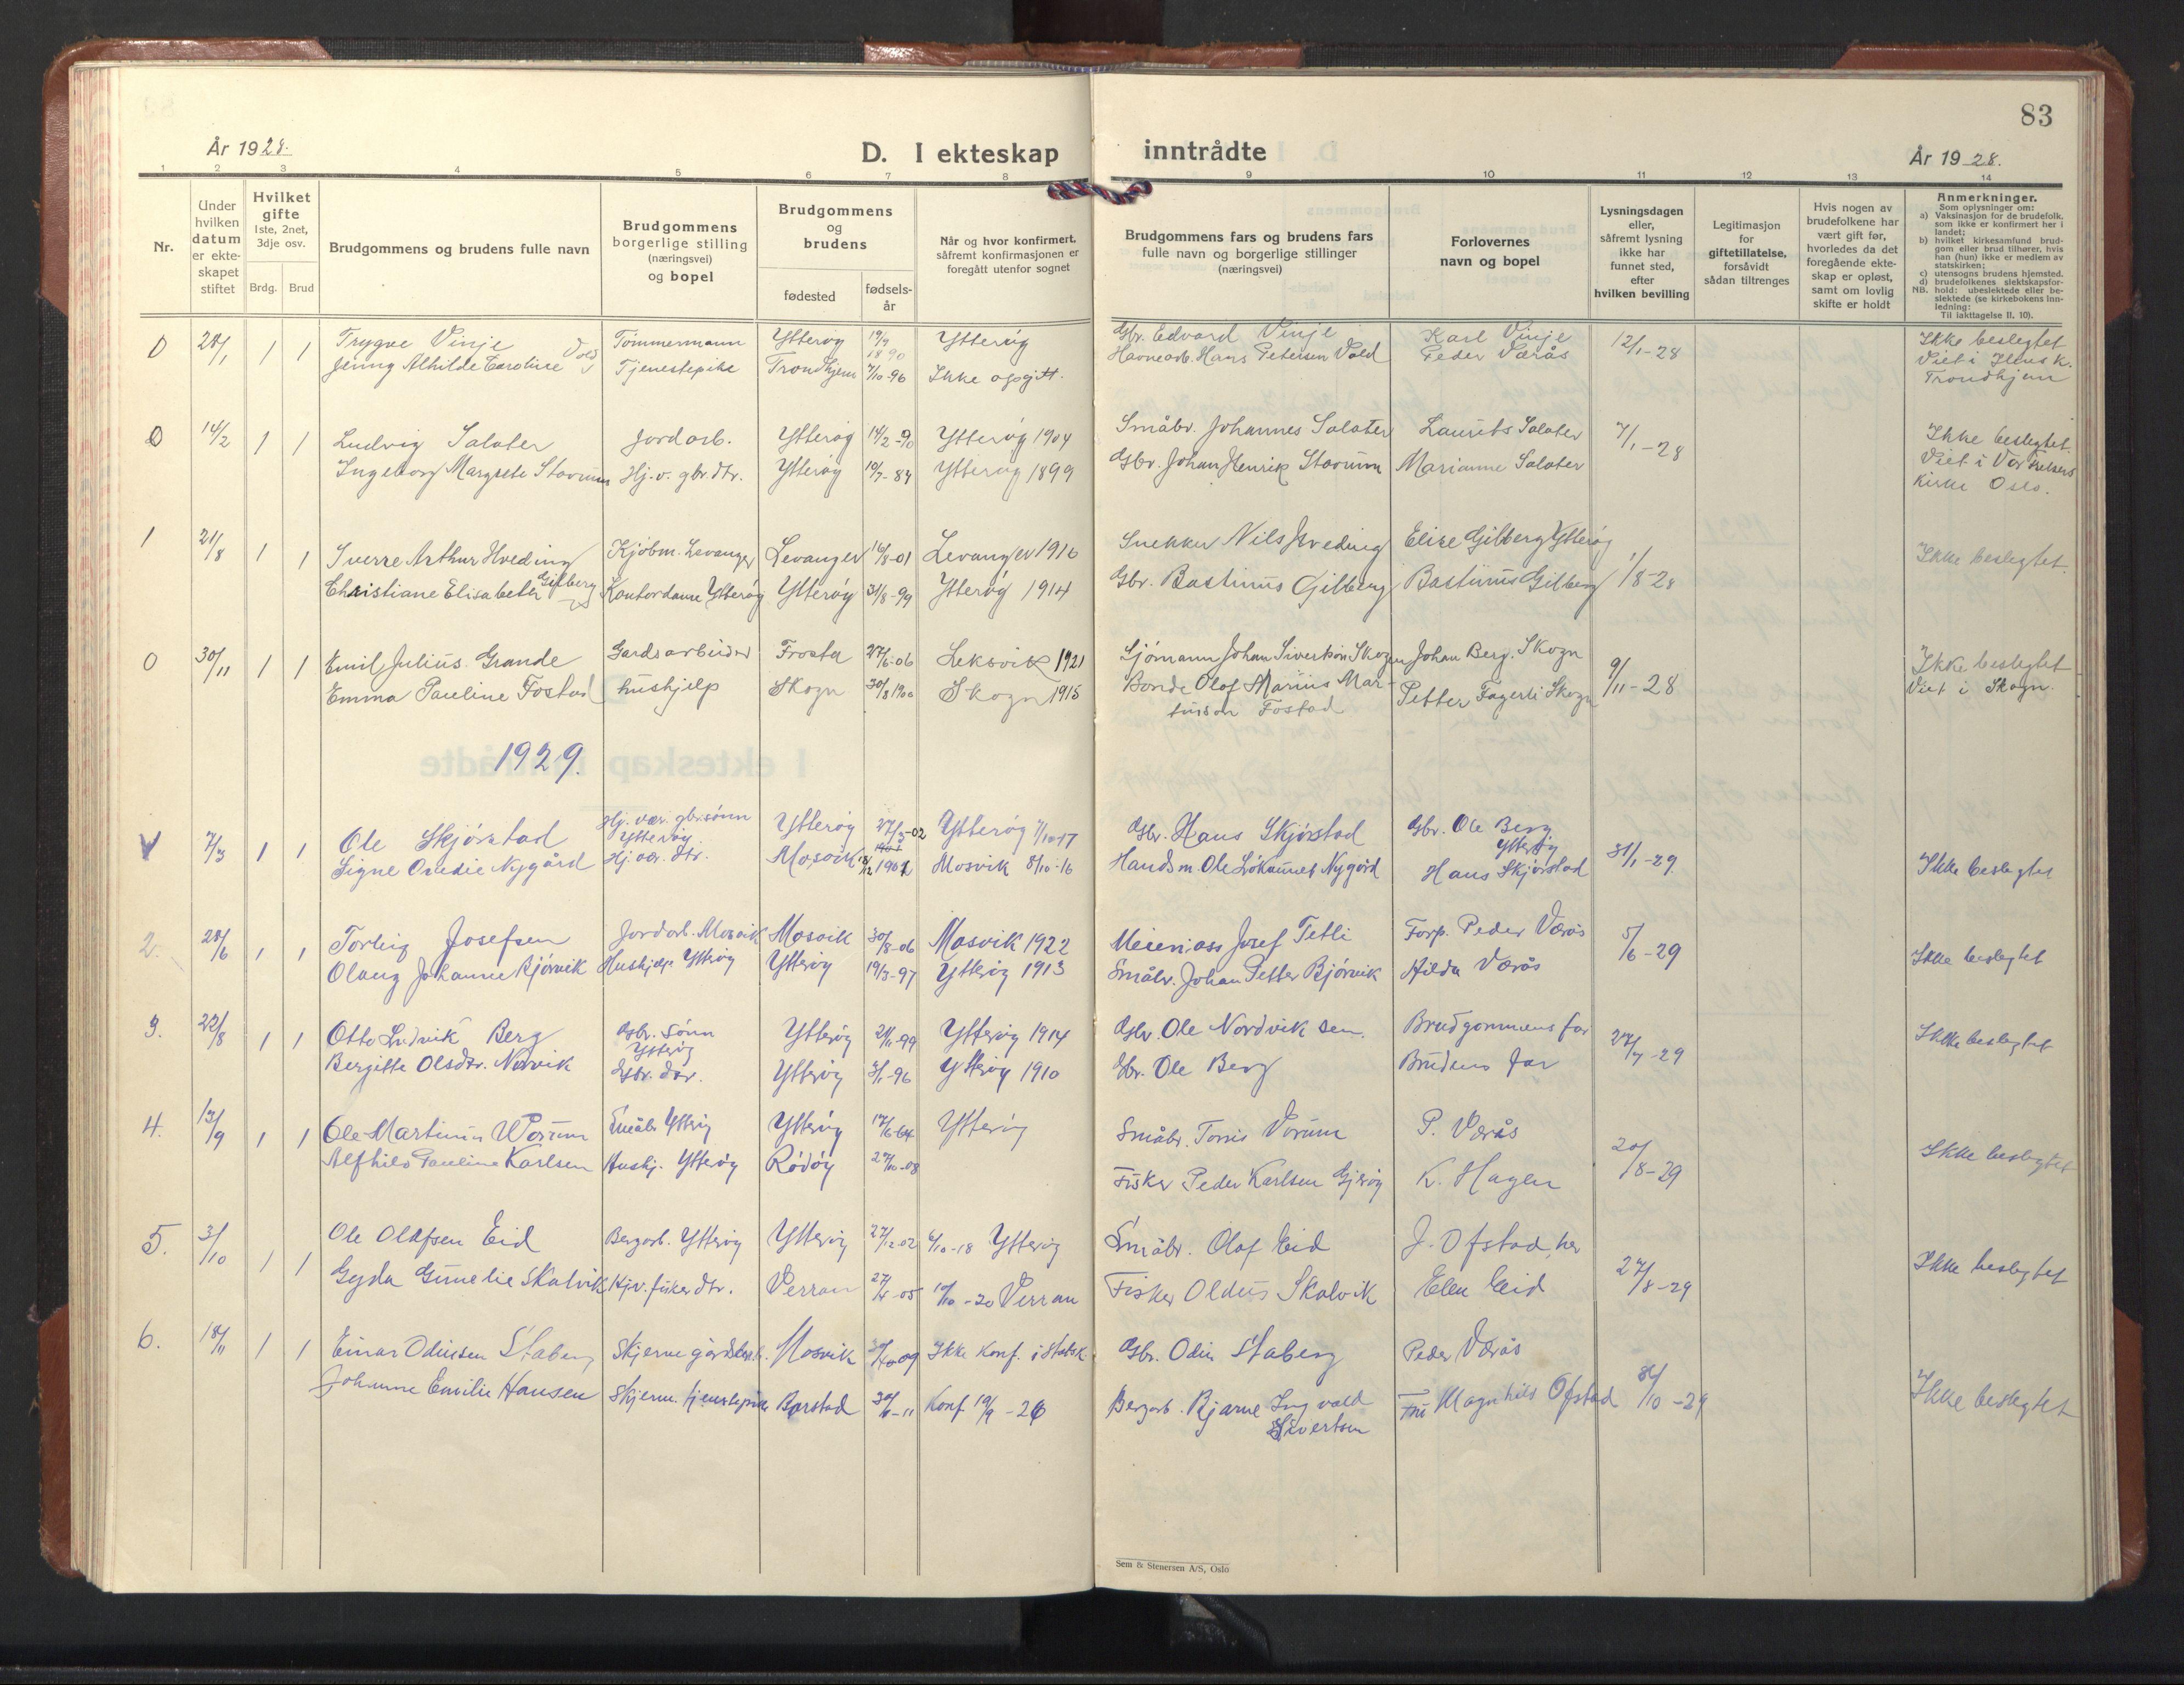 SAT, Ministerialprotokoller, klokkerbøker og fødselsregistre - Nord-Trøndelag, 722/L0227: Klokkerbok nr. 722C03, 1928-1958, s. 83